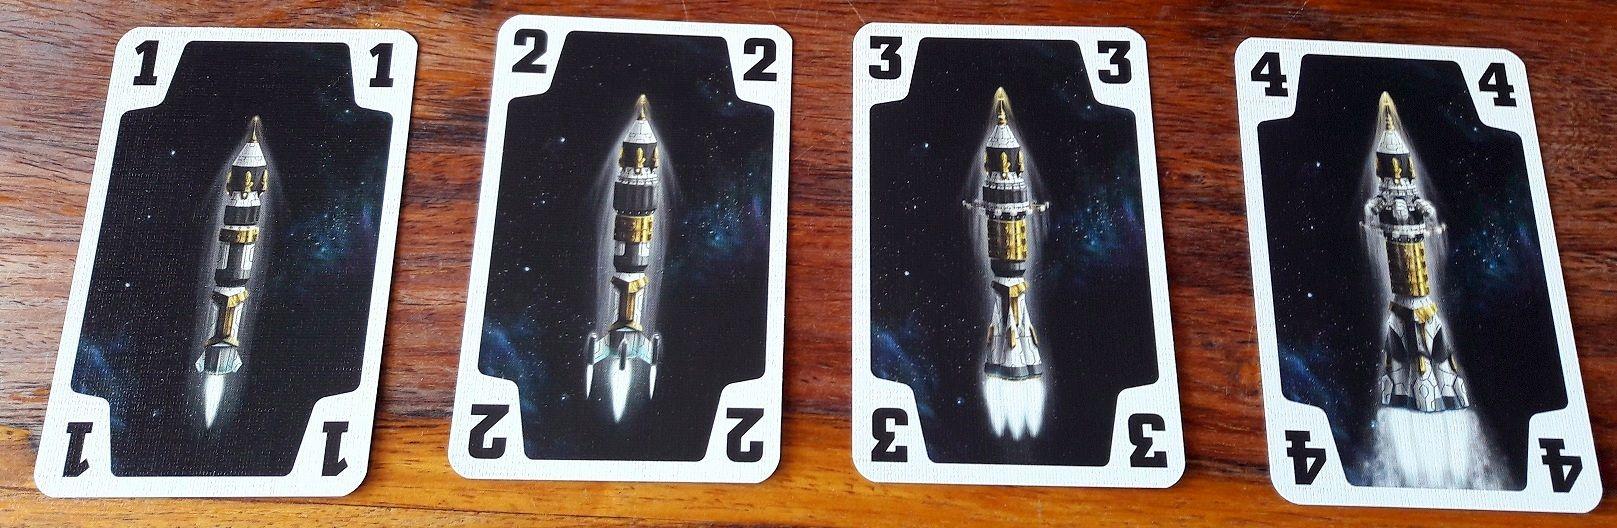 Ce sont les cartes atouts du jeu.